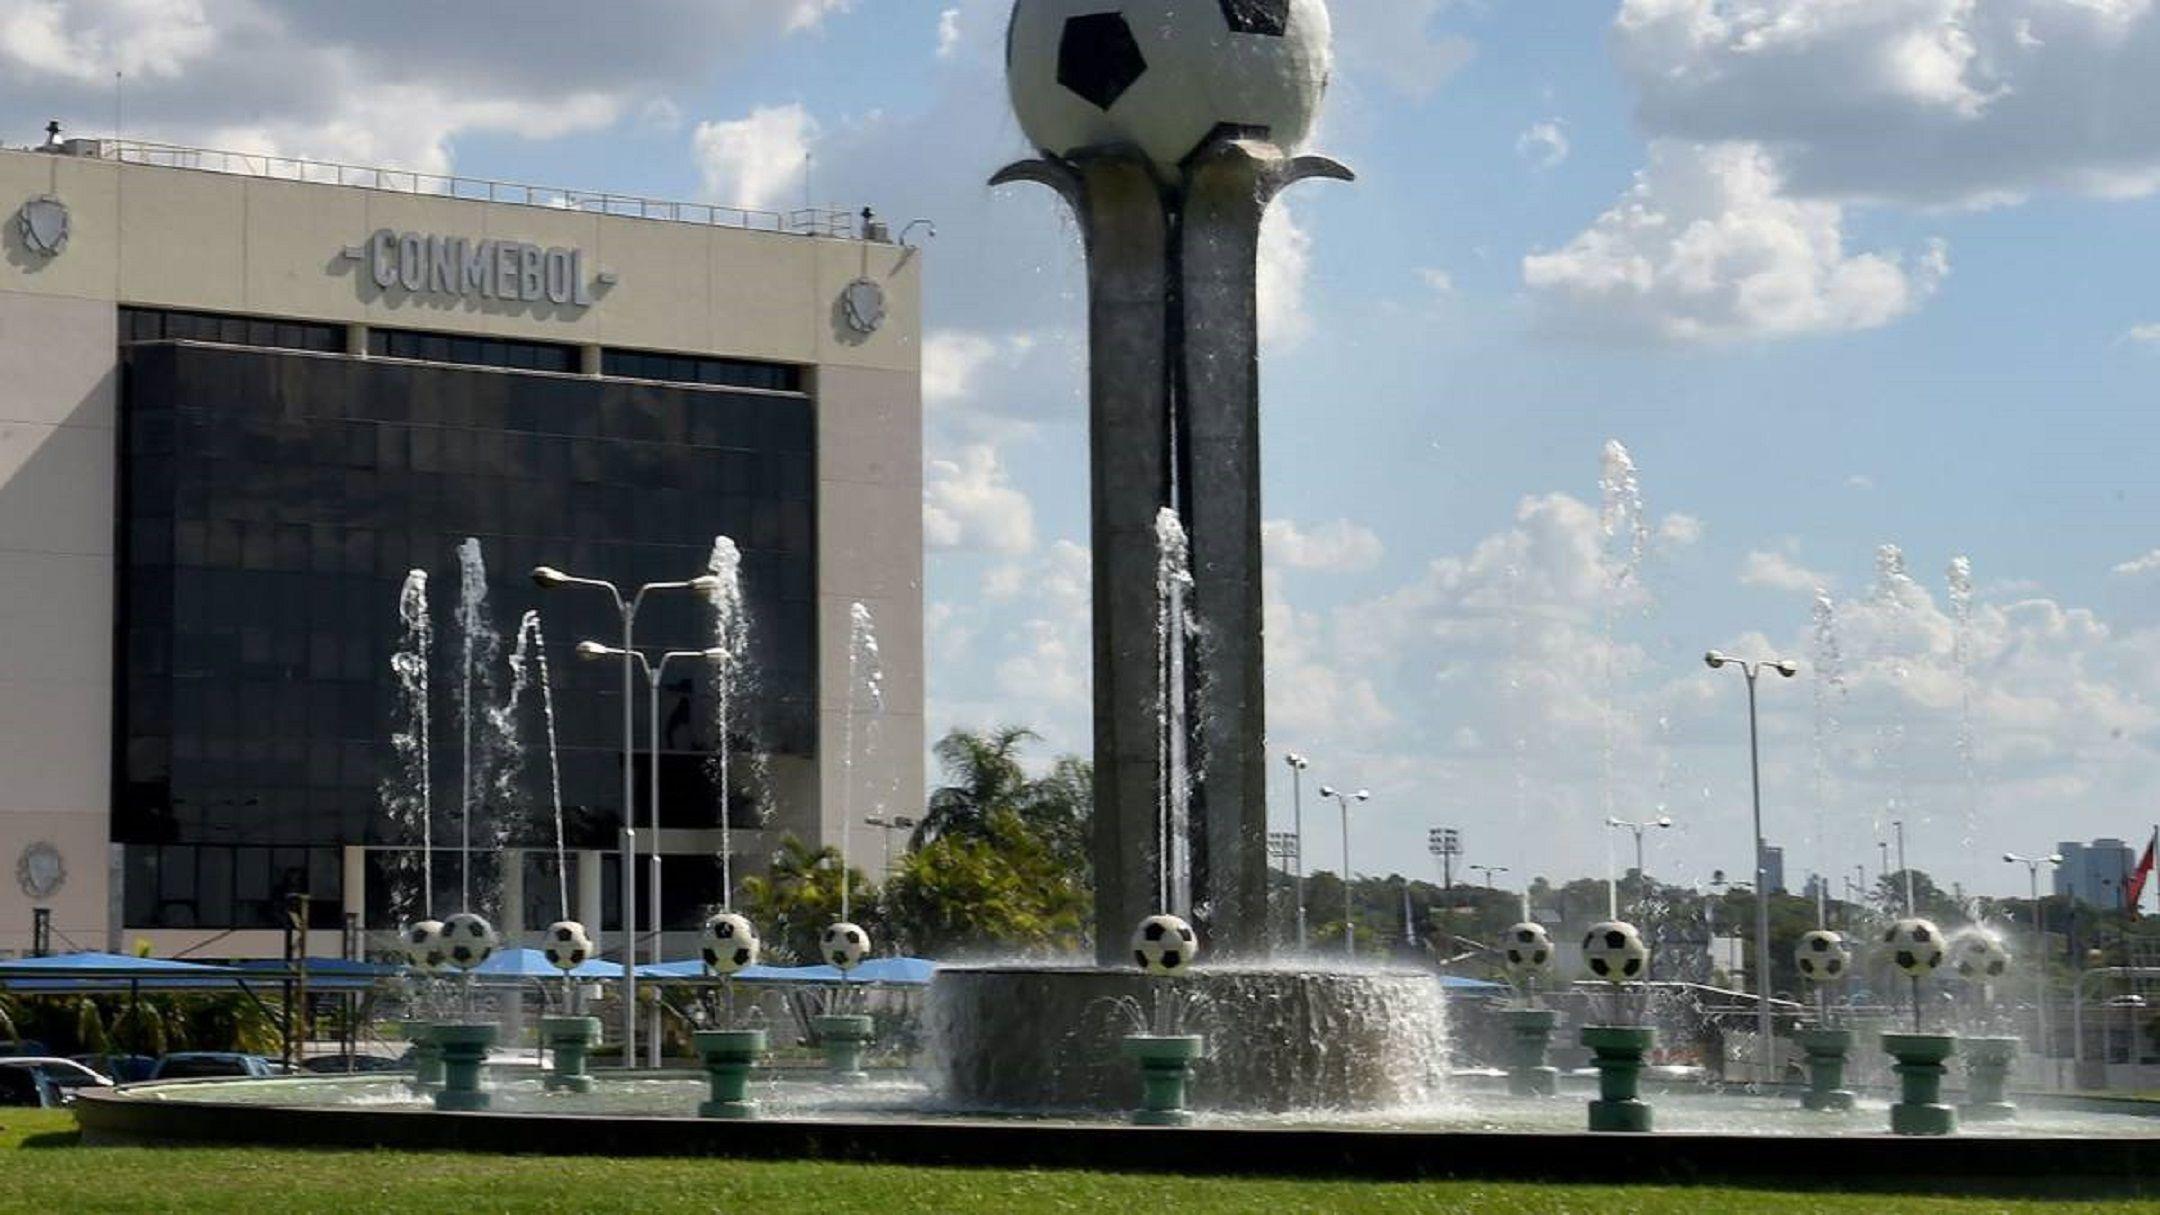 Comenzó la reunión en Conmebol: se define dónde se jugará la final de la Libertadores